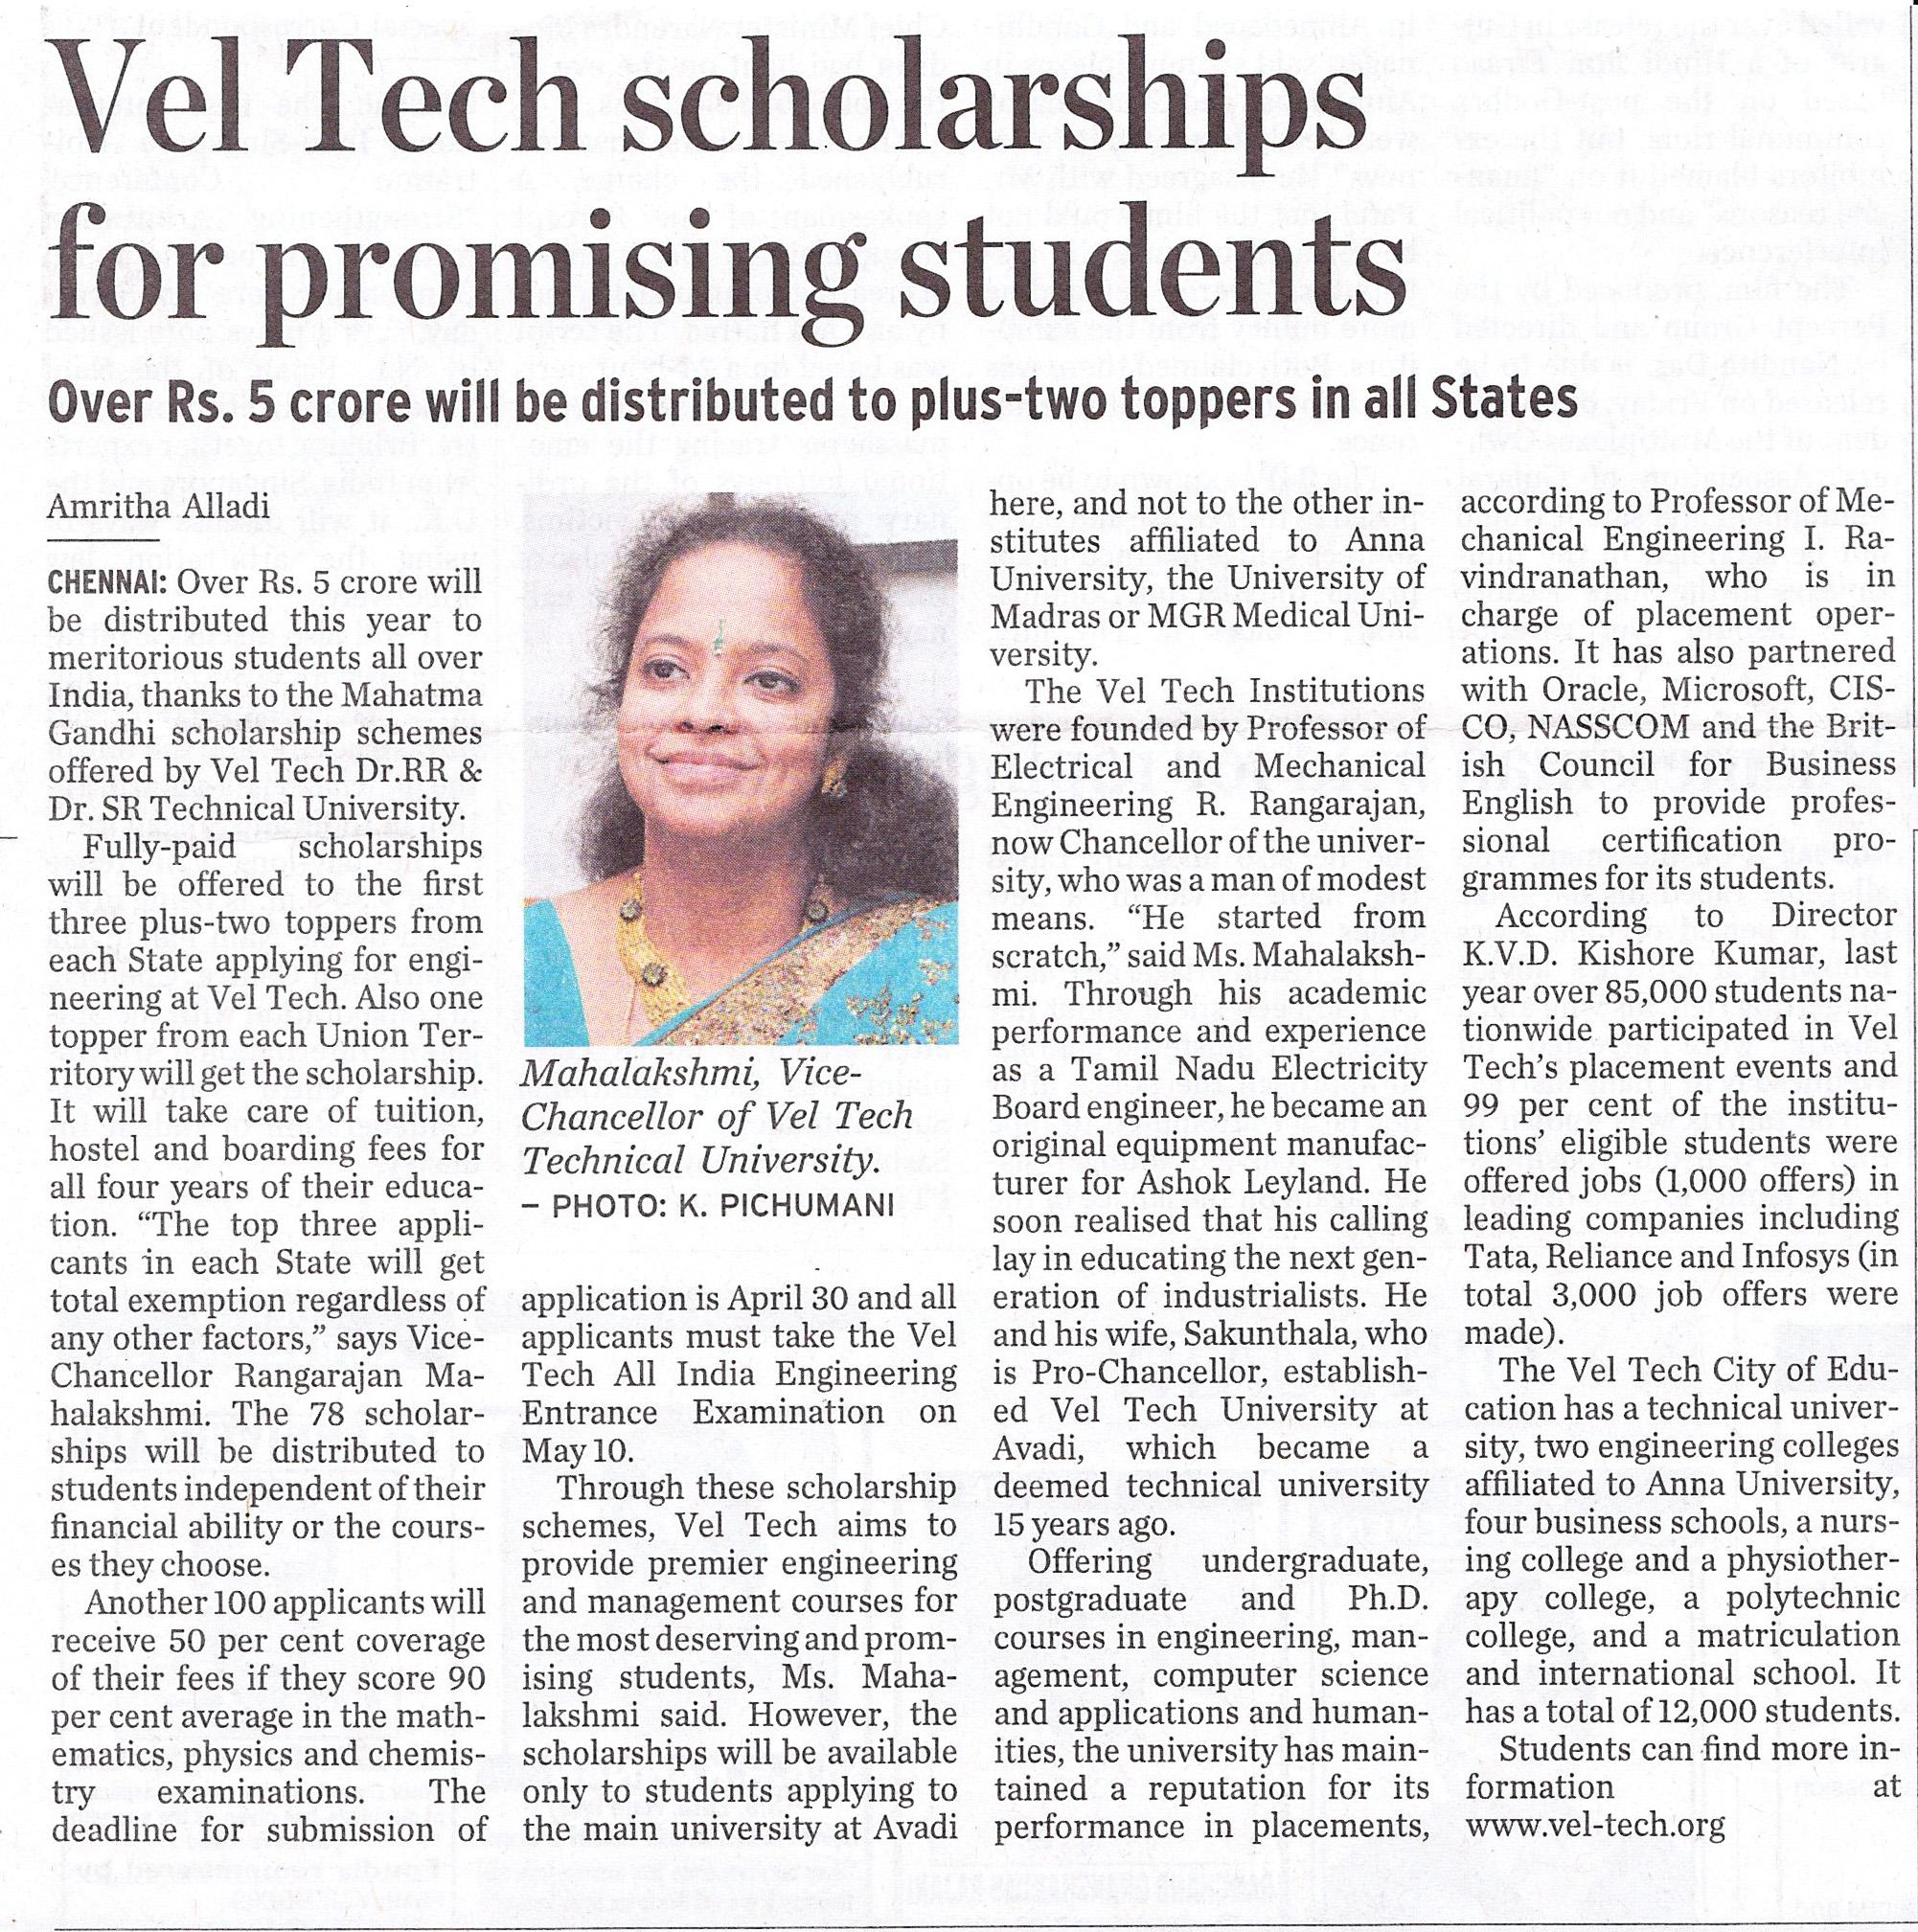 Velt Tech scholarships